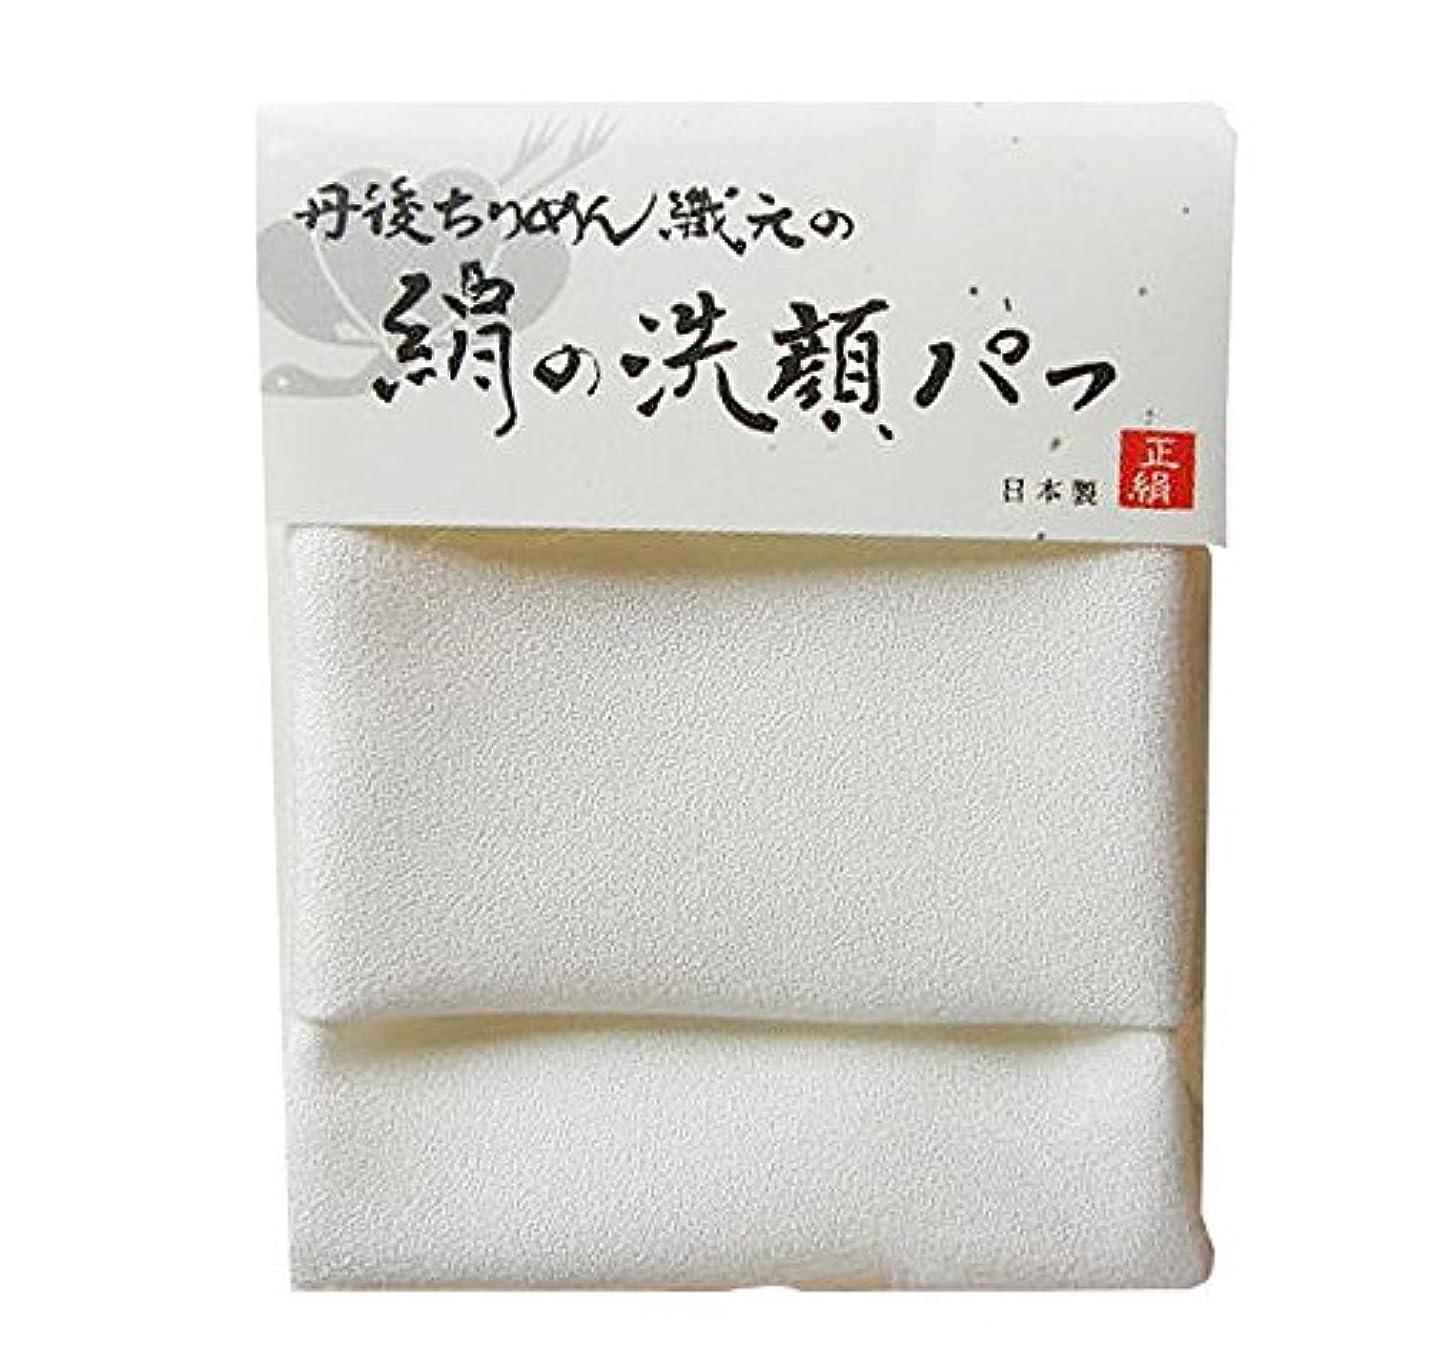 散歩に行く前方へ候補者【NHKイッピンで紹介!】丹後ちりめん織元の絹の洗顔パフ